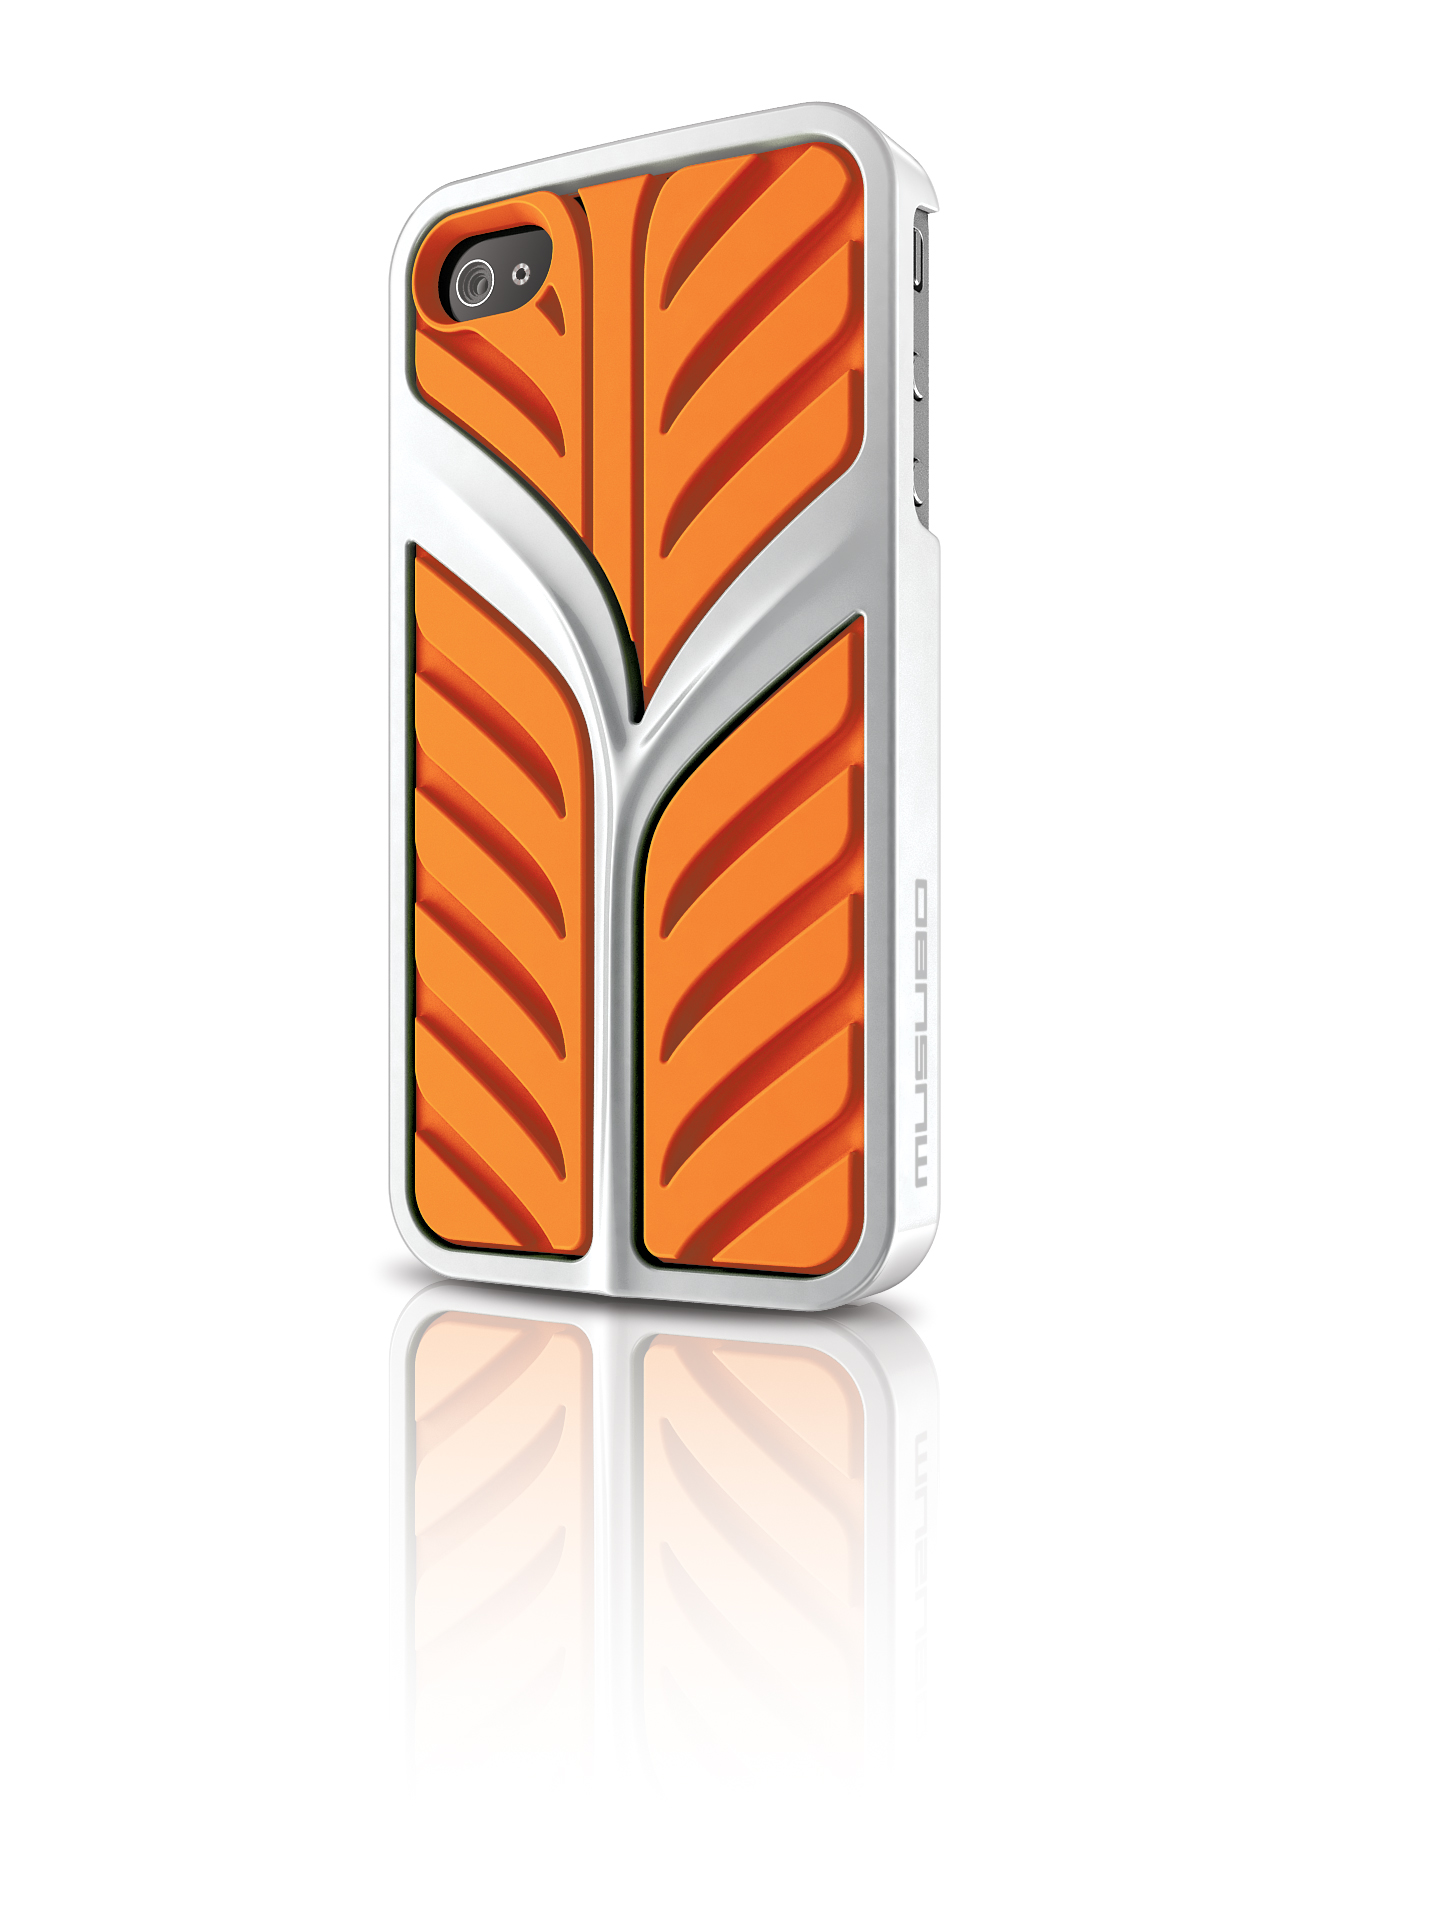 original-musubo-case-eden-iphone-4s4g-orange-retail